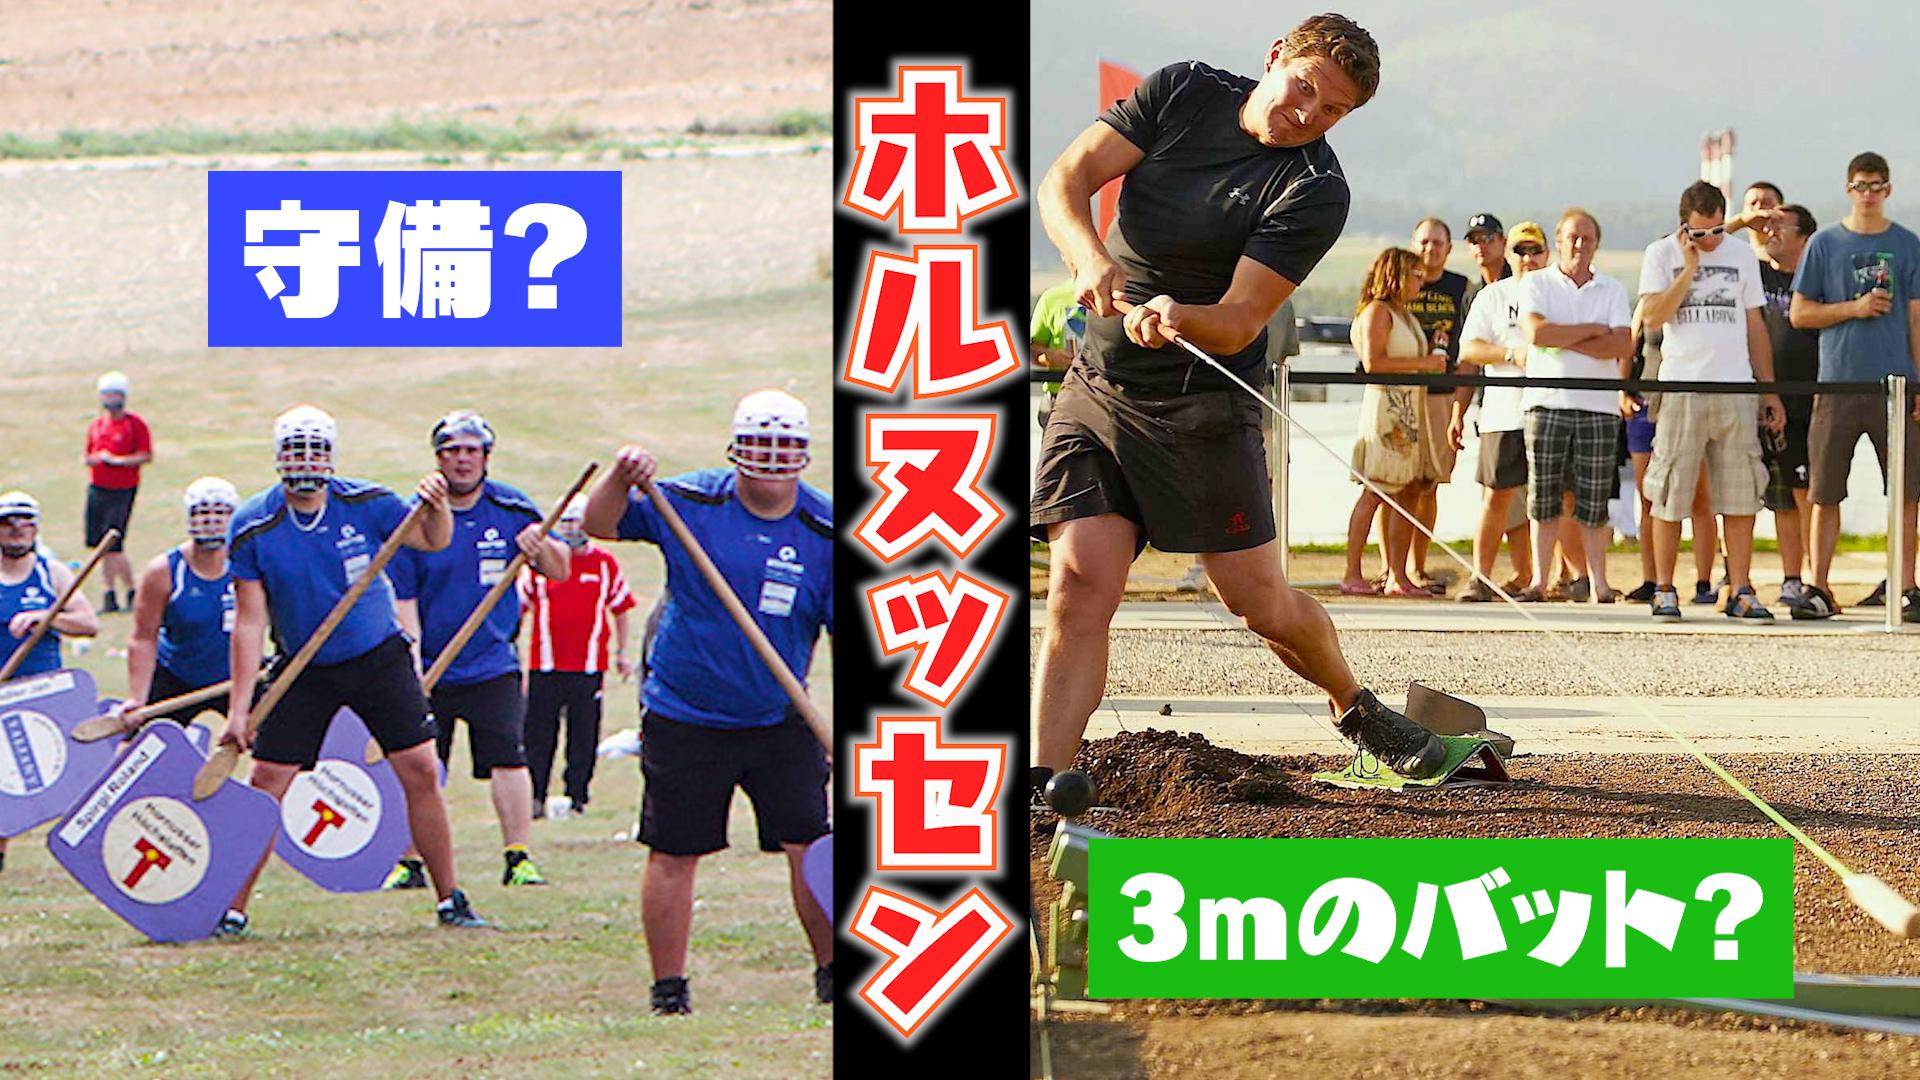 【ホルヌッセン】3mの棒で打つ!ゴルフと野球が混ざったスイスの不思議な競技【マイナースポーツ】